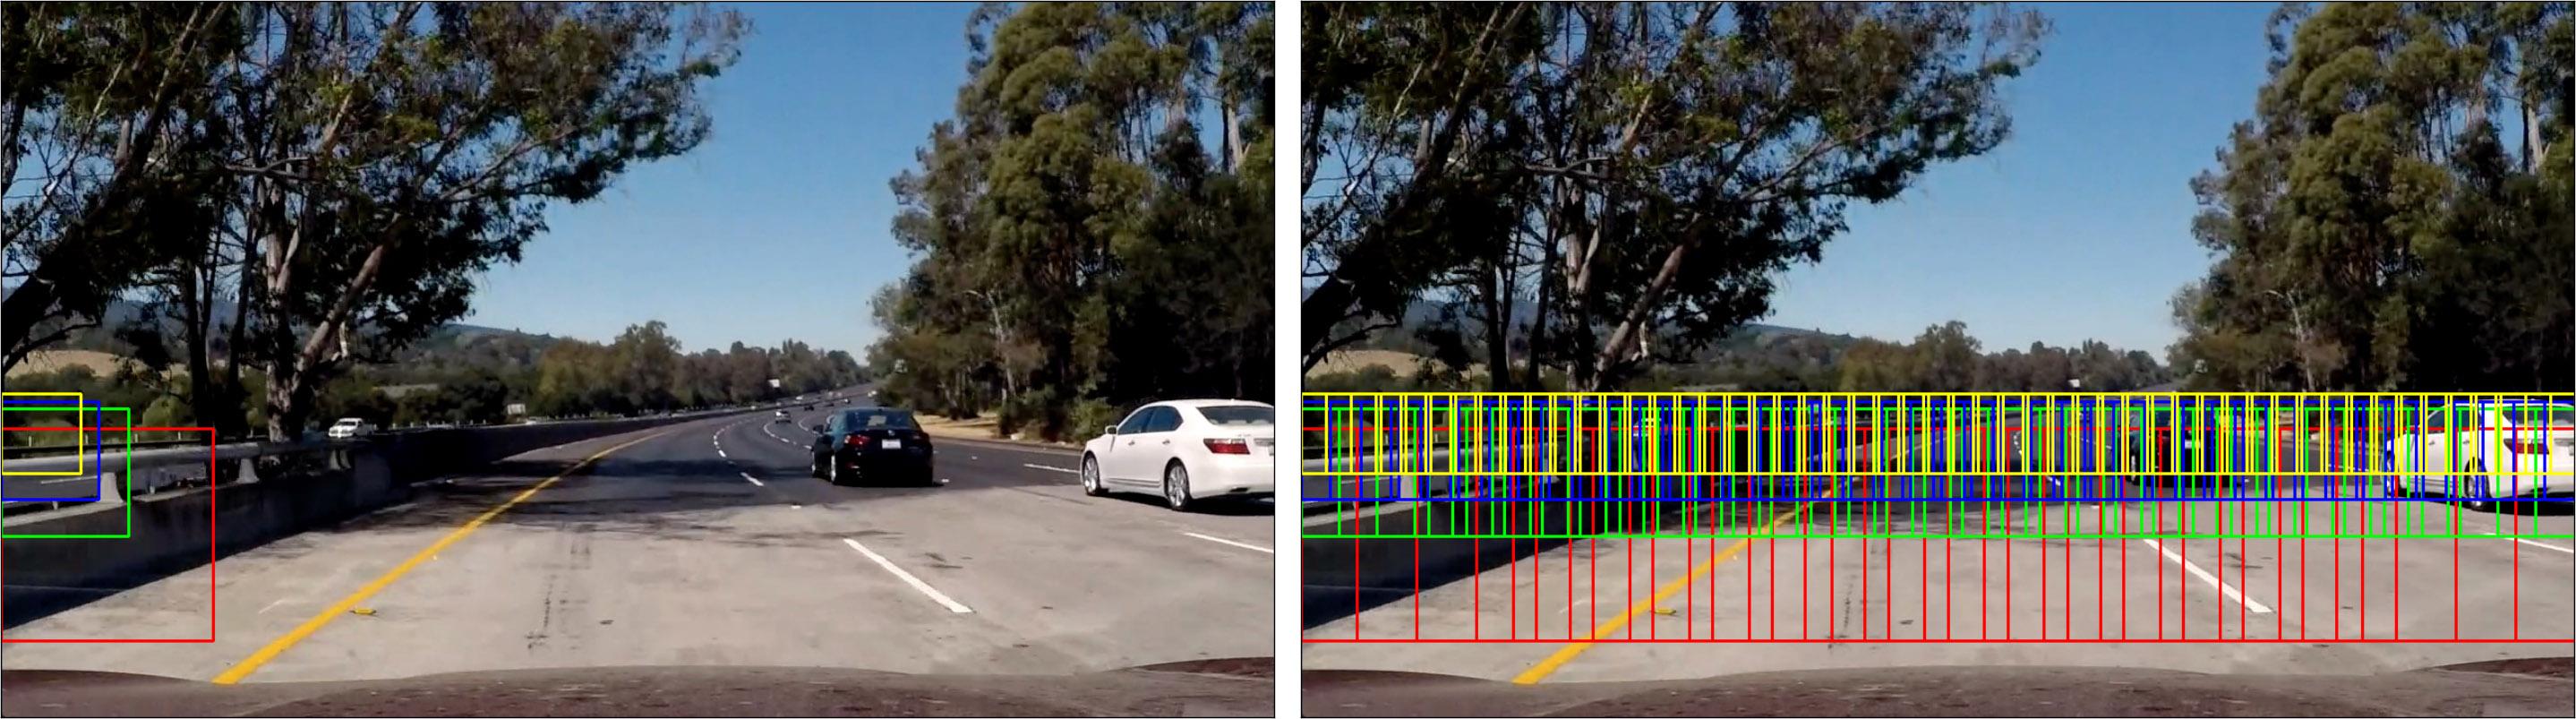 Detecting road features - Alex Staravoitau's Blog